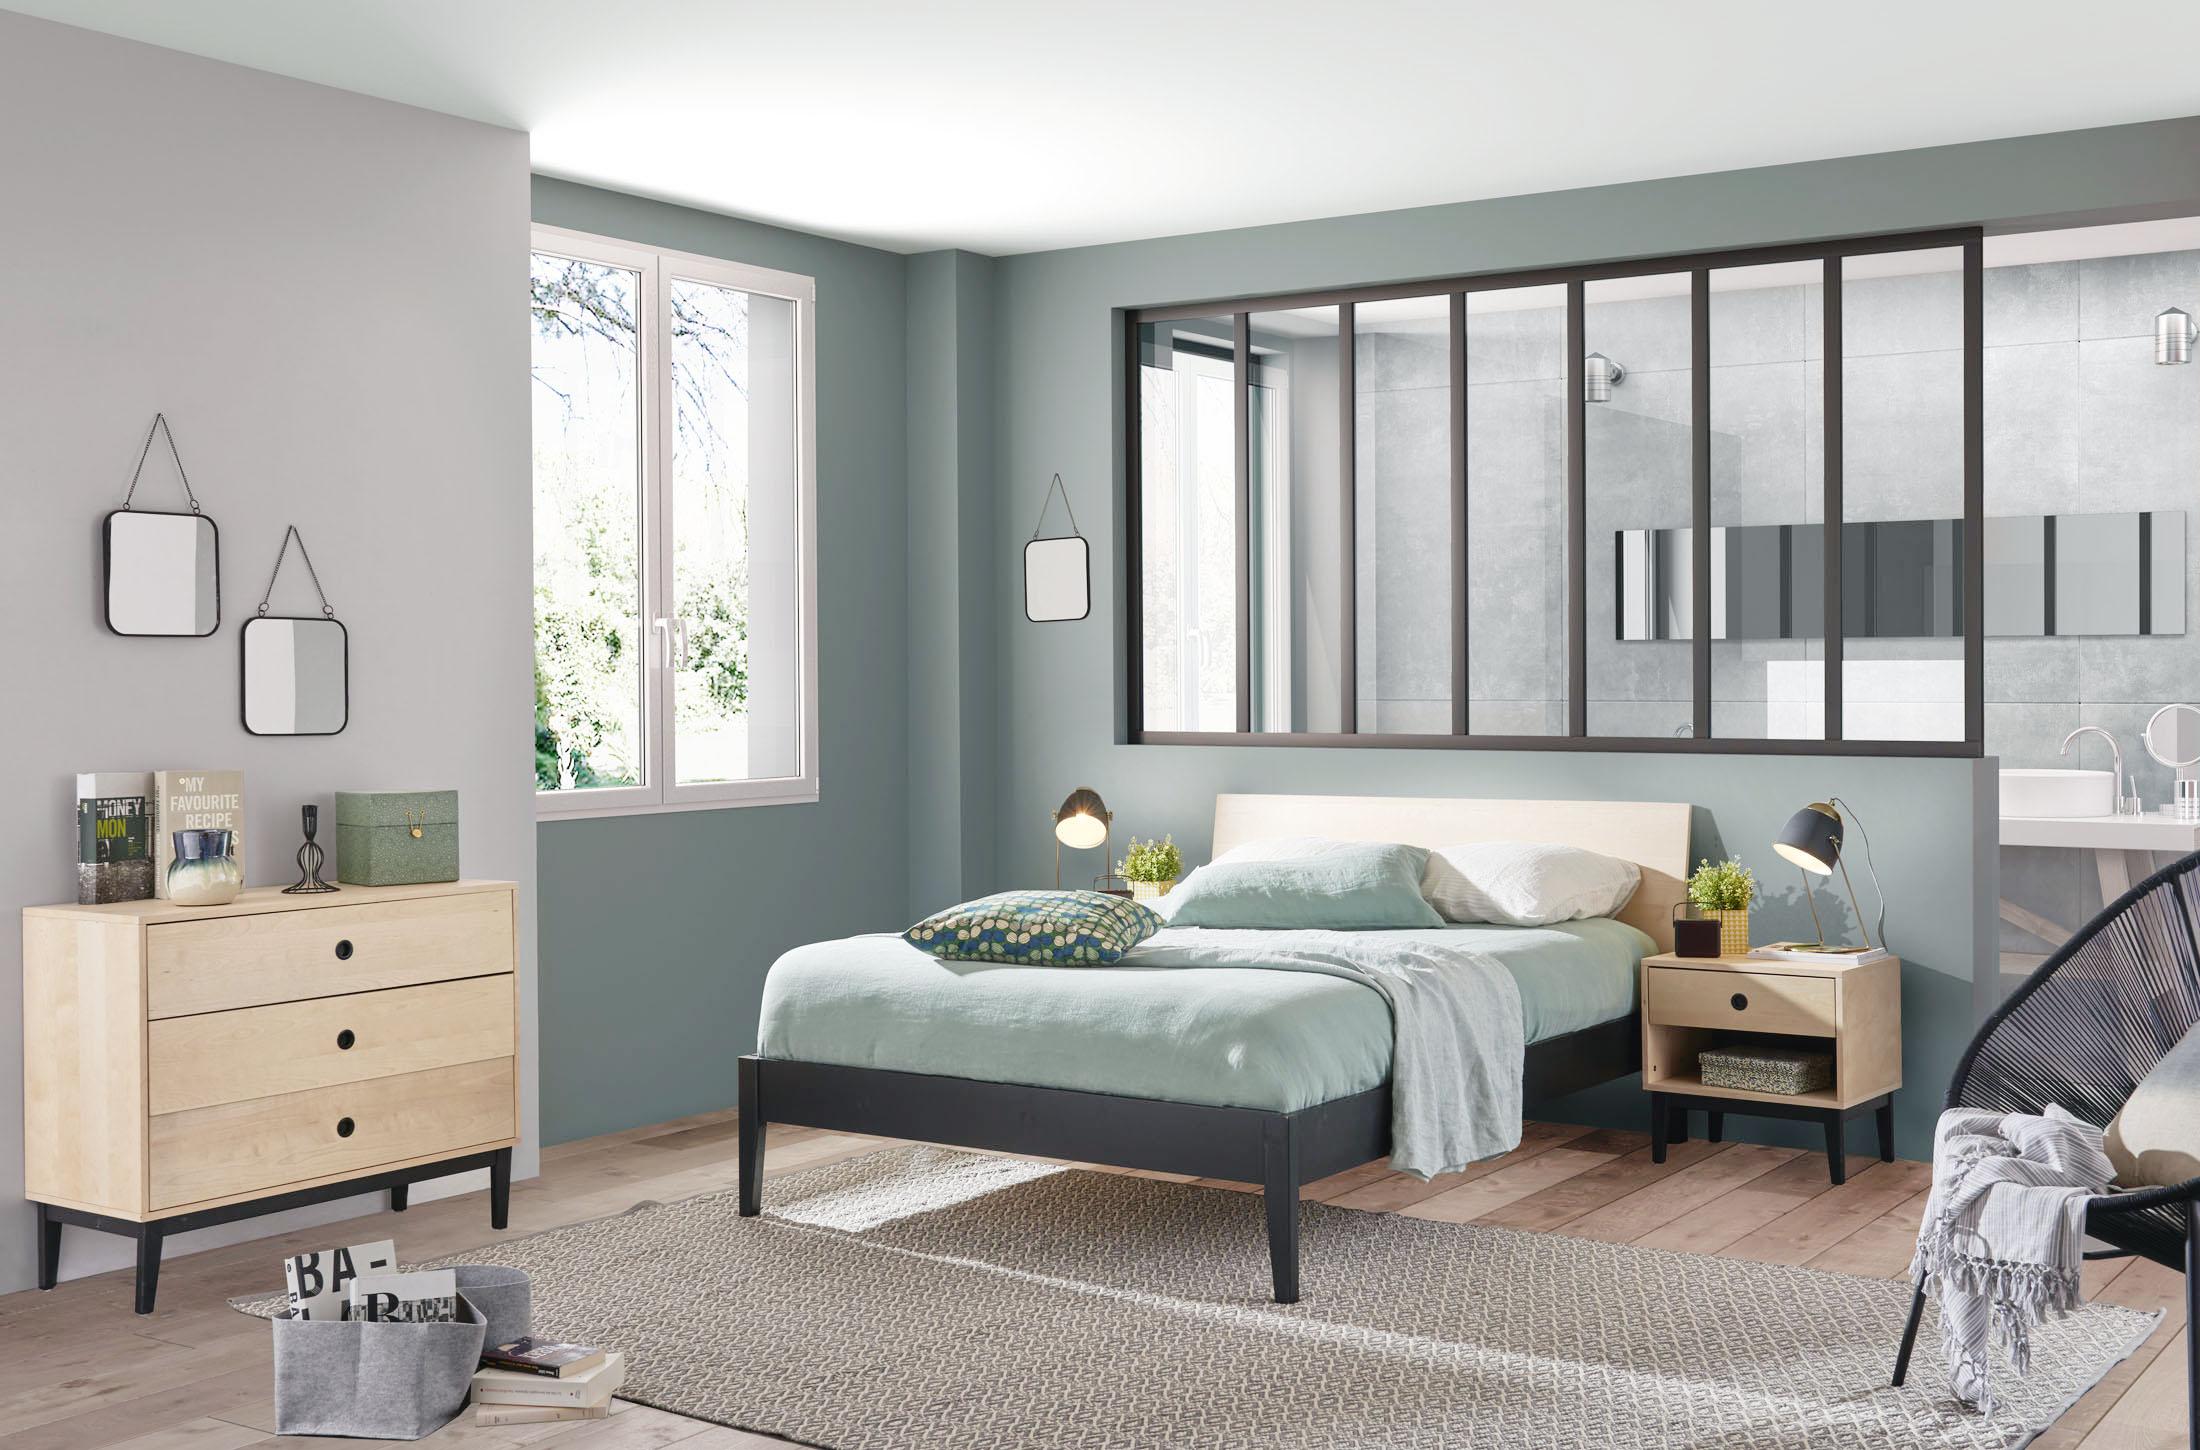 Ambiance décor studio d'une chambre adulte avec un grand lit commode et chevets